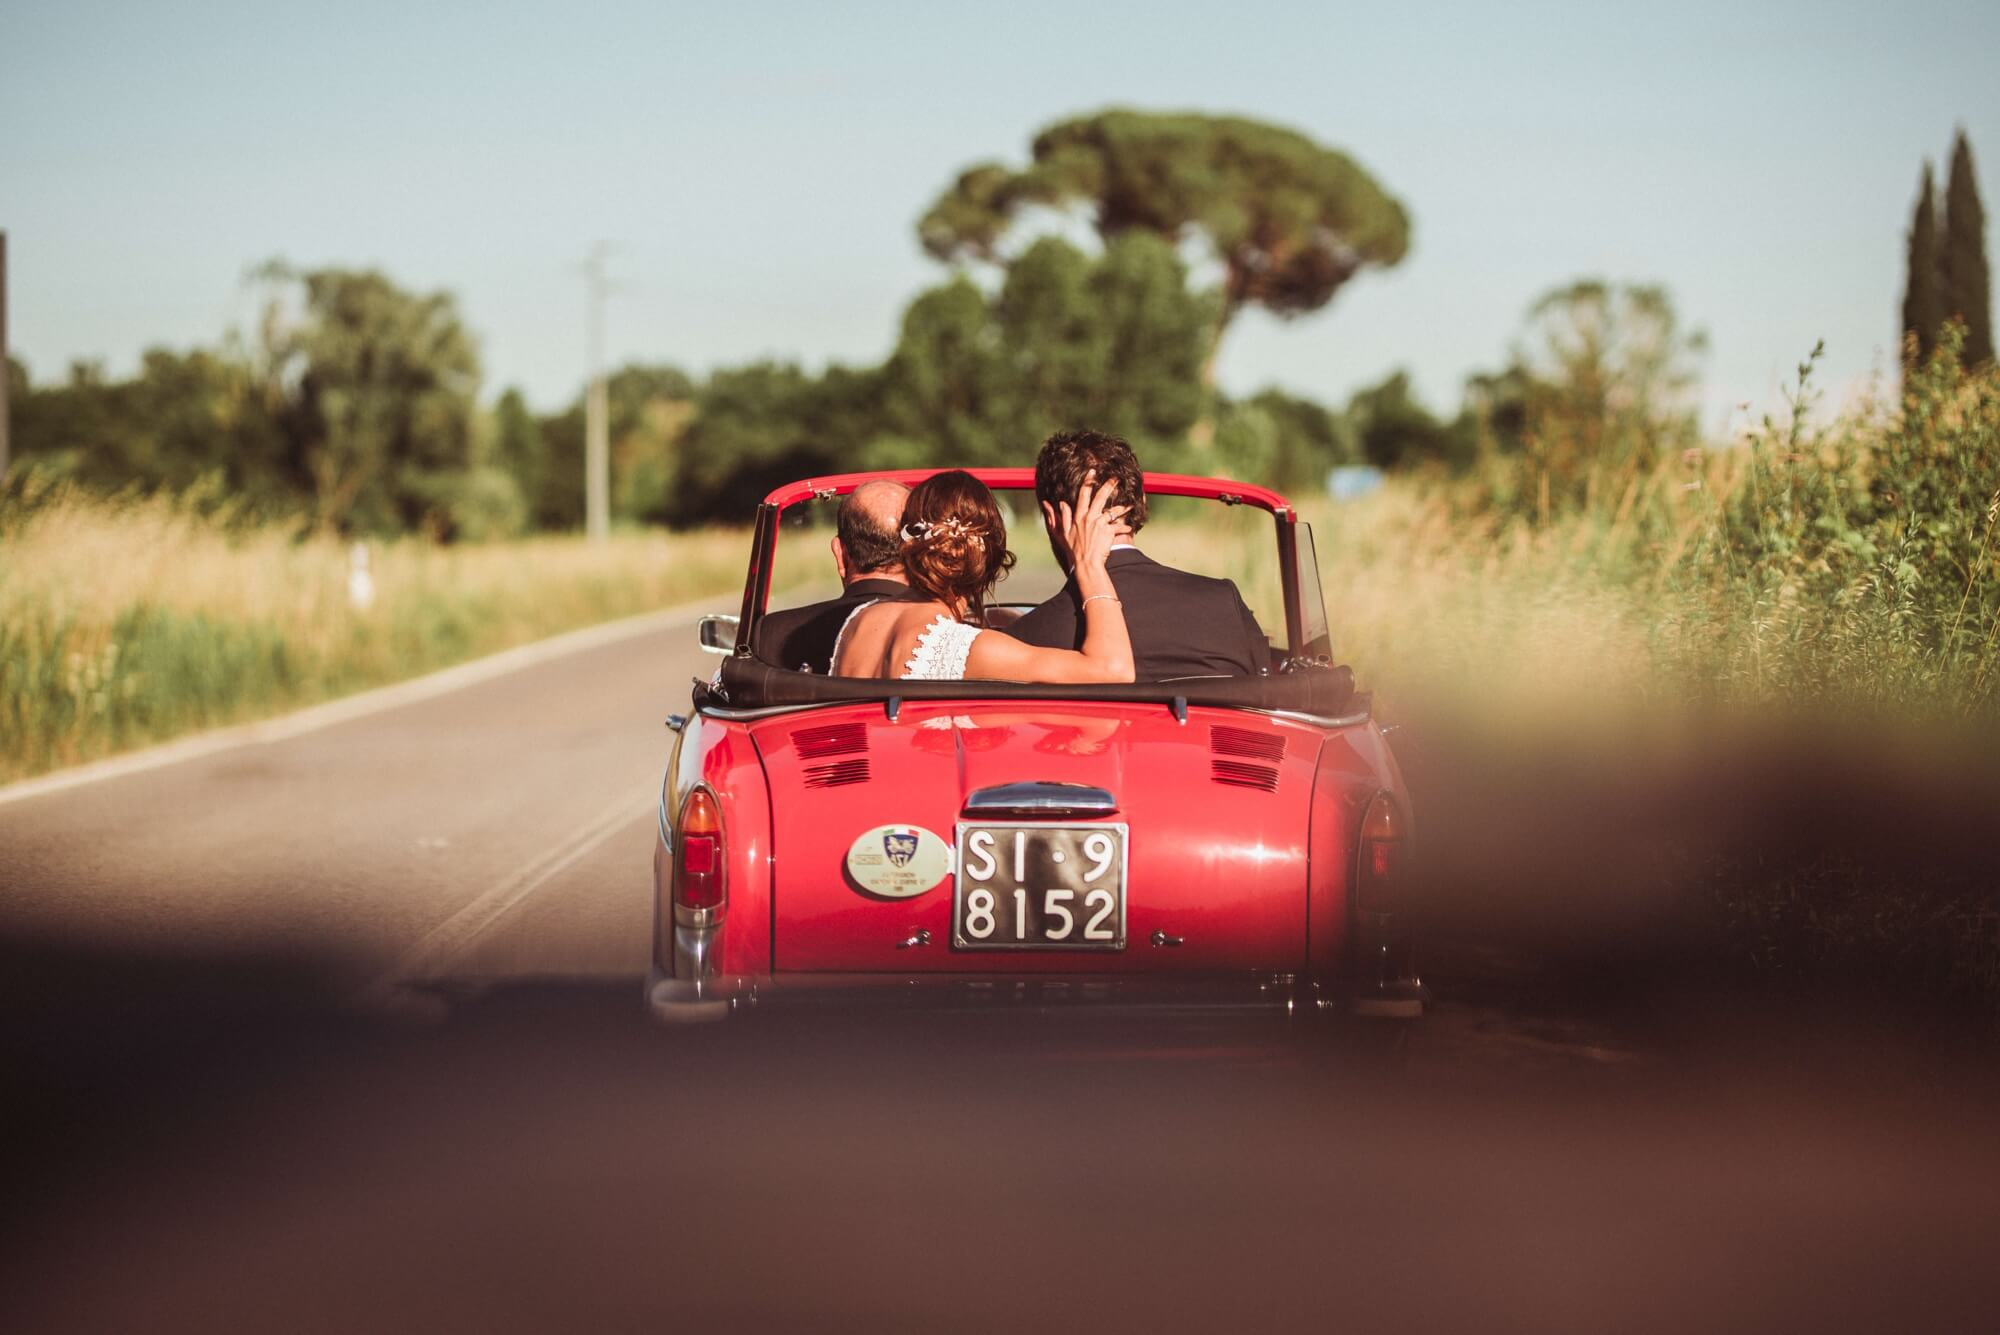 Noleggio auto d'epoca e moderne per matrimonio in Toscana. Giulia Alessandri Wedding Planner: progettazione e coordinazione matrimoni in Toscana.